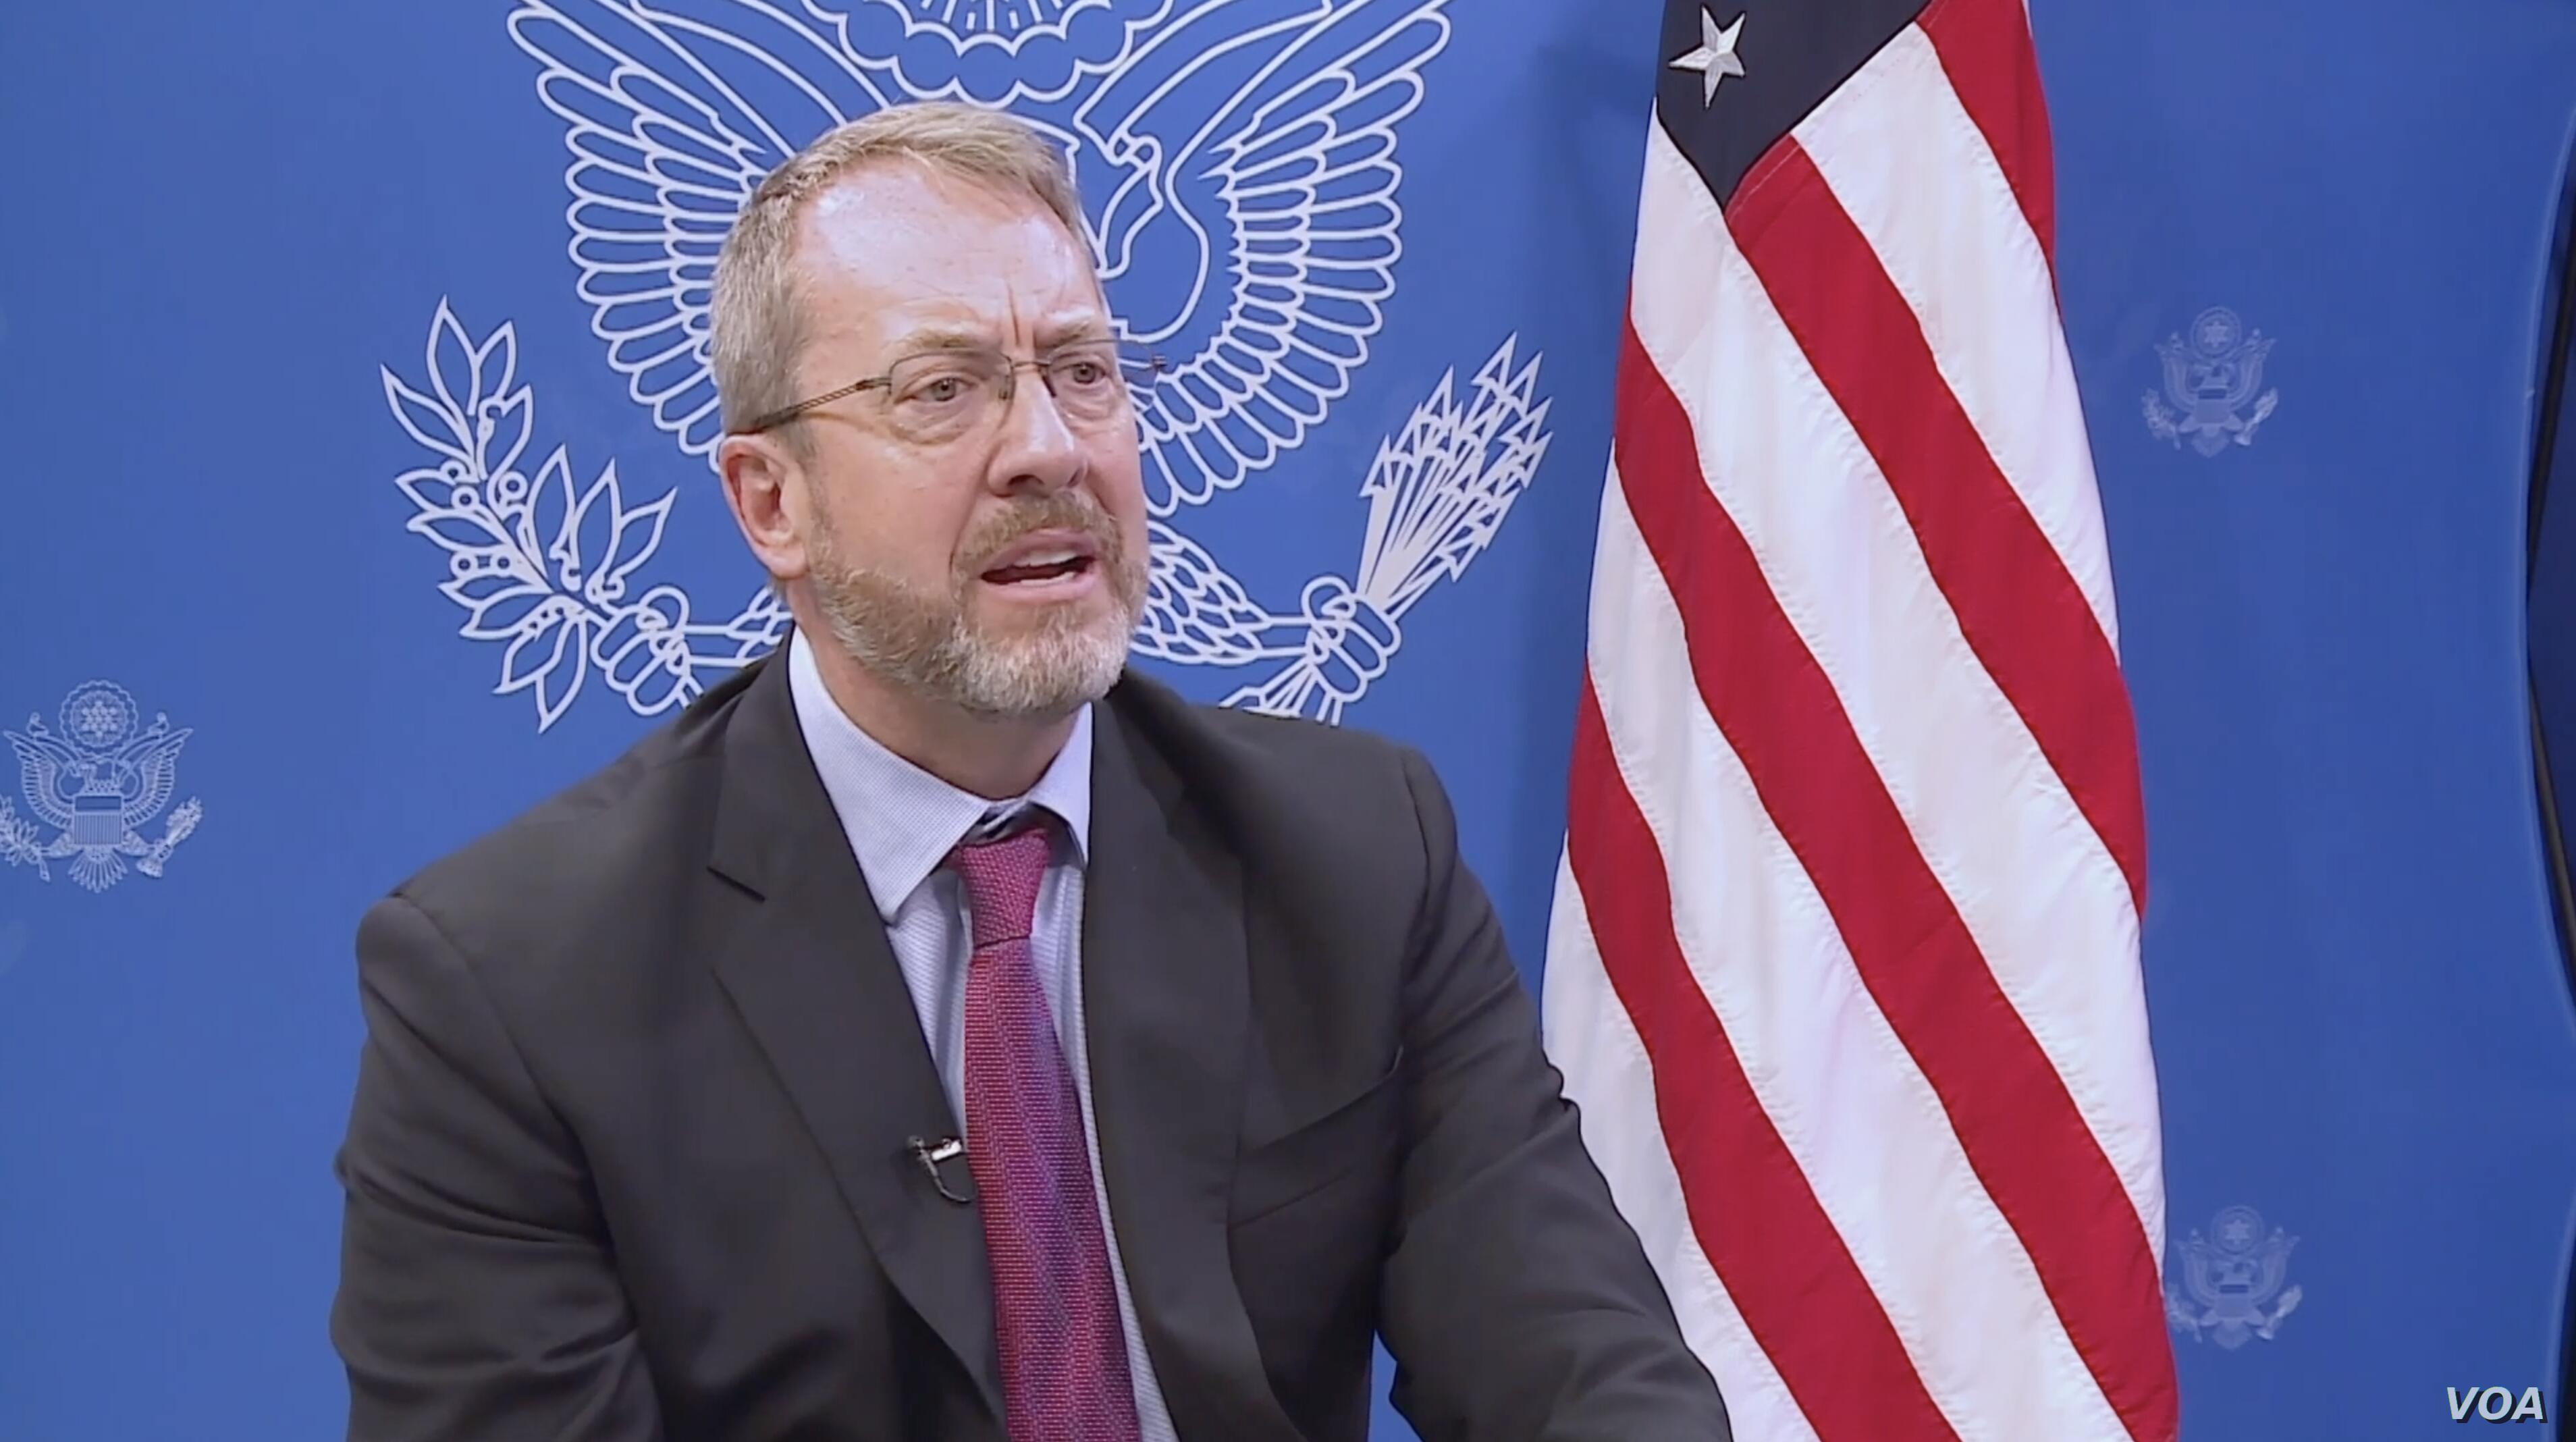 EEUU nombra a su primer embajador en Venezuela tras una década